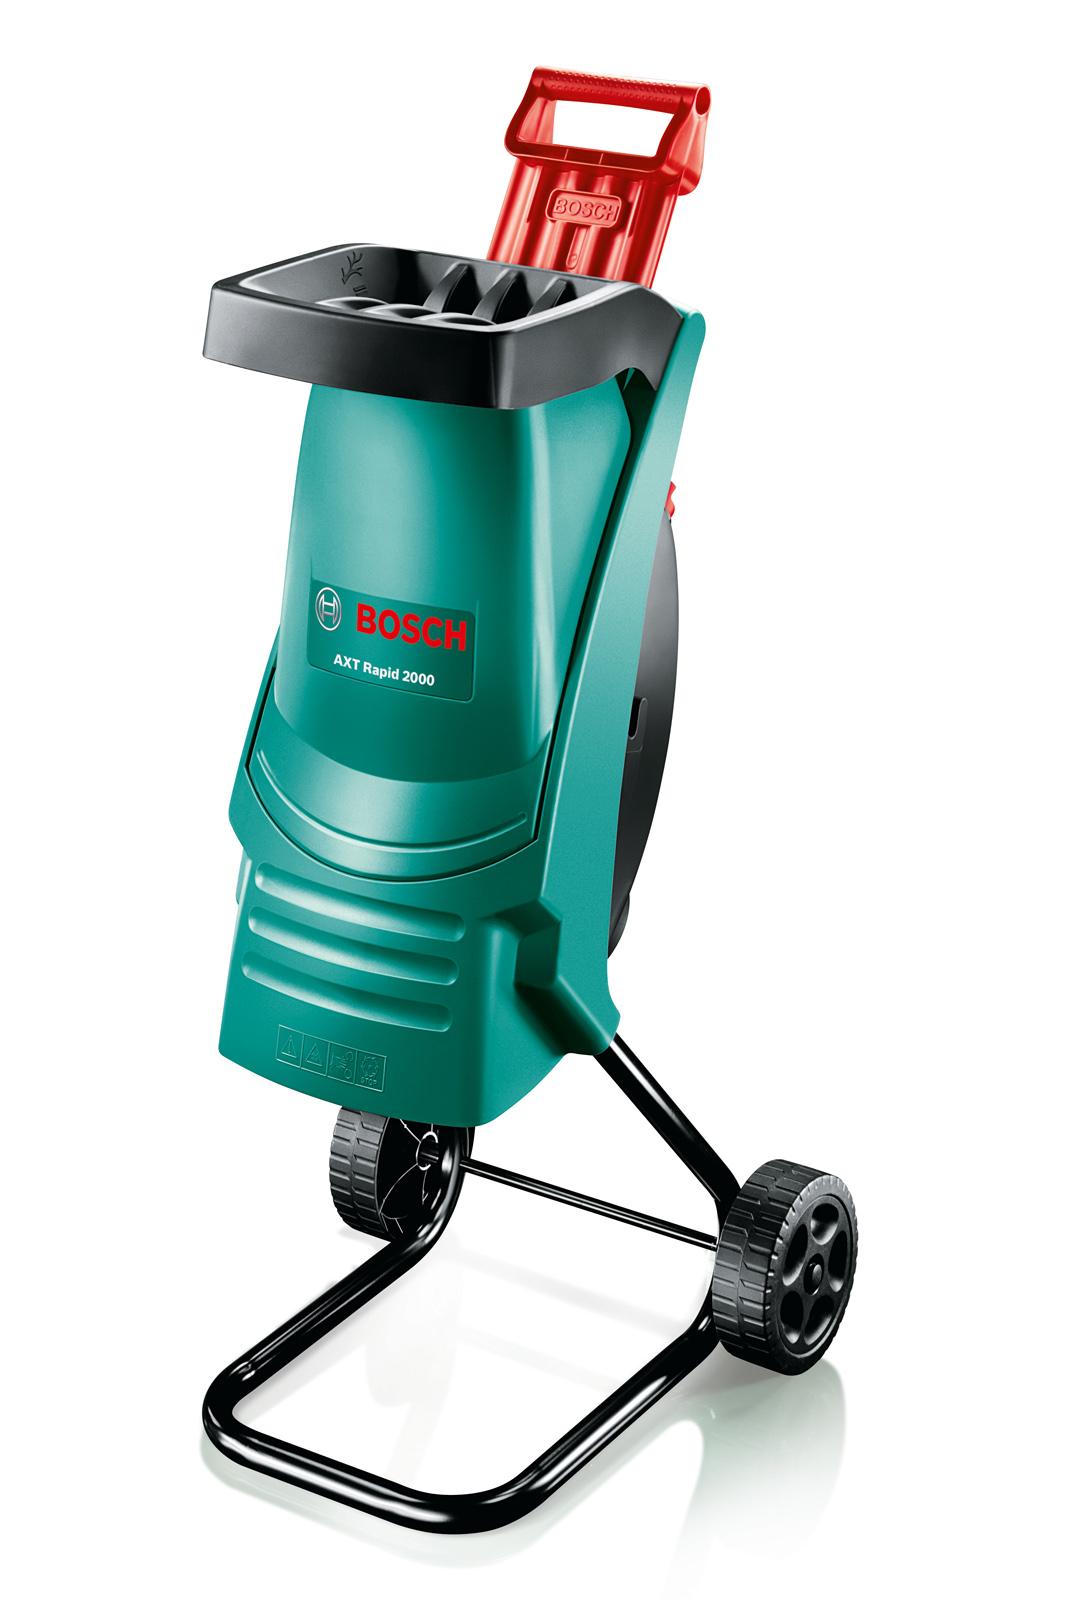 Садовый измельчитель Bosch Axt rapid 2000 (0.600.853.500)